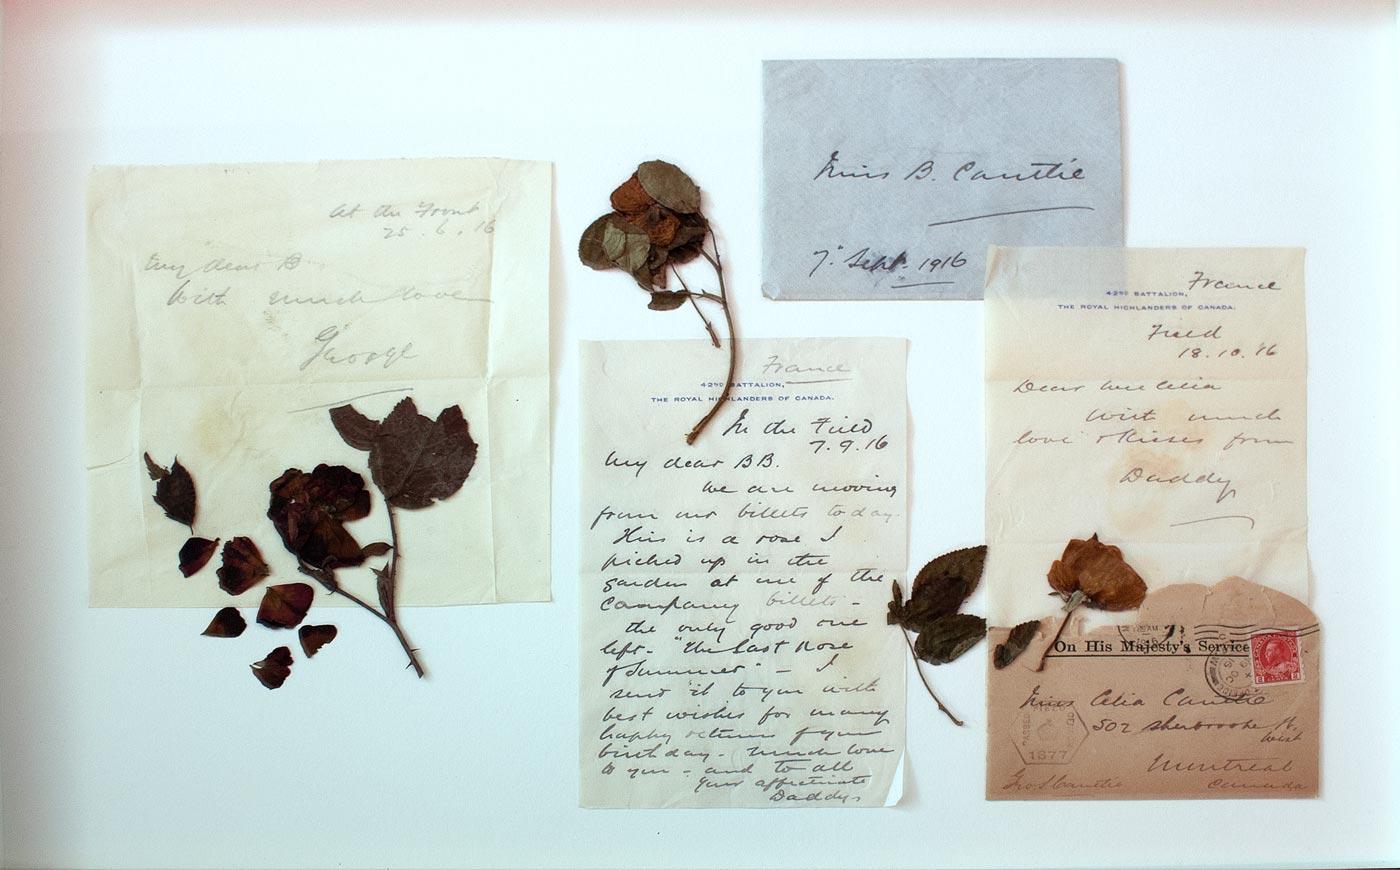 Amour familial - lettre | Fleurs d'Armes - Une exposition artisitique itinérante | www.fleursdarmes.ca